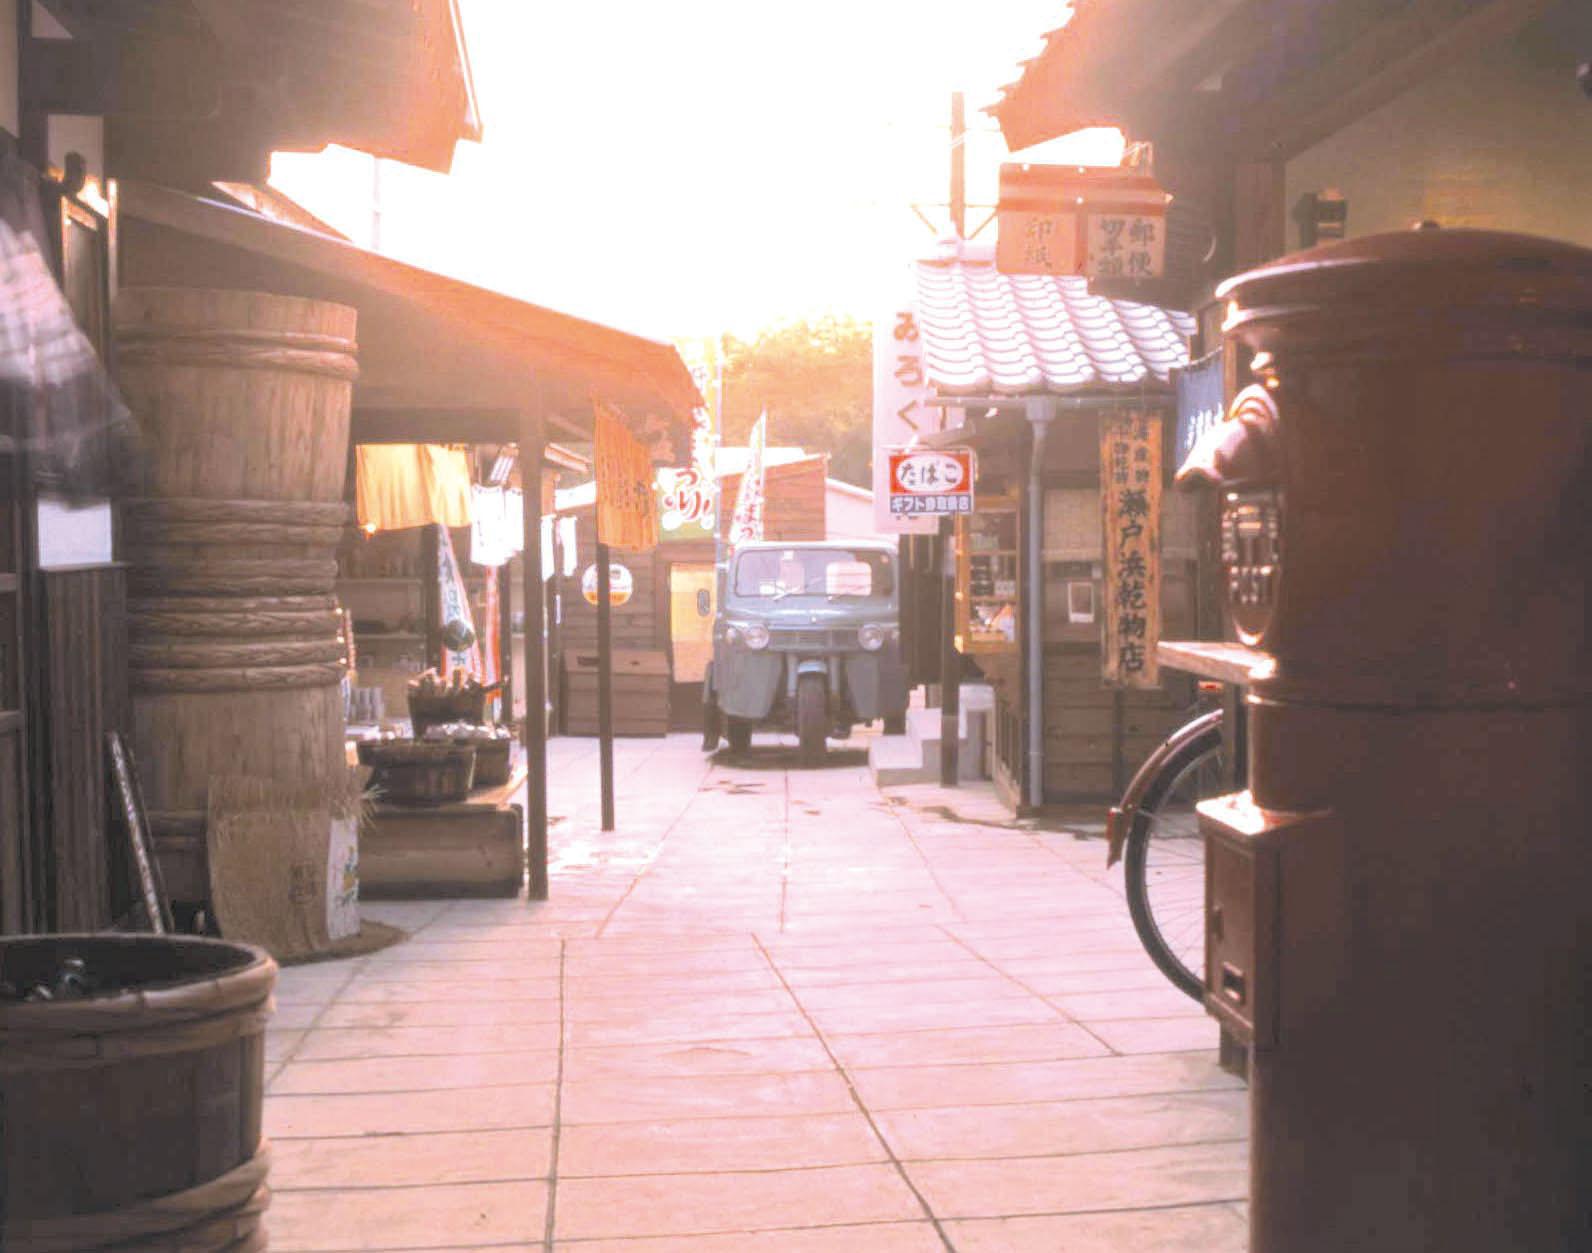 昭和三十年代の街並みを再現した「いつか来た道」